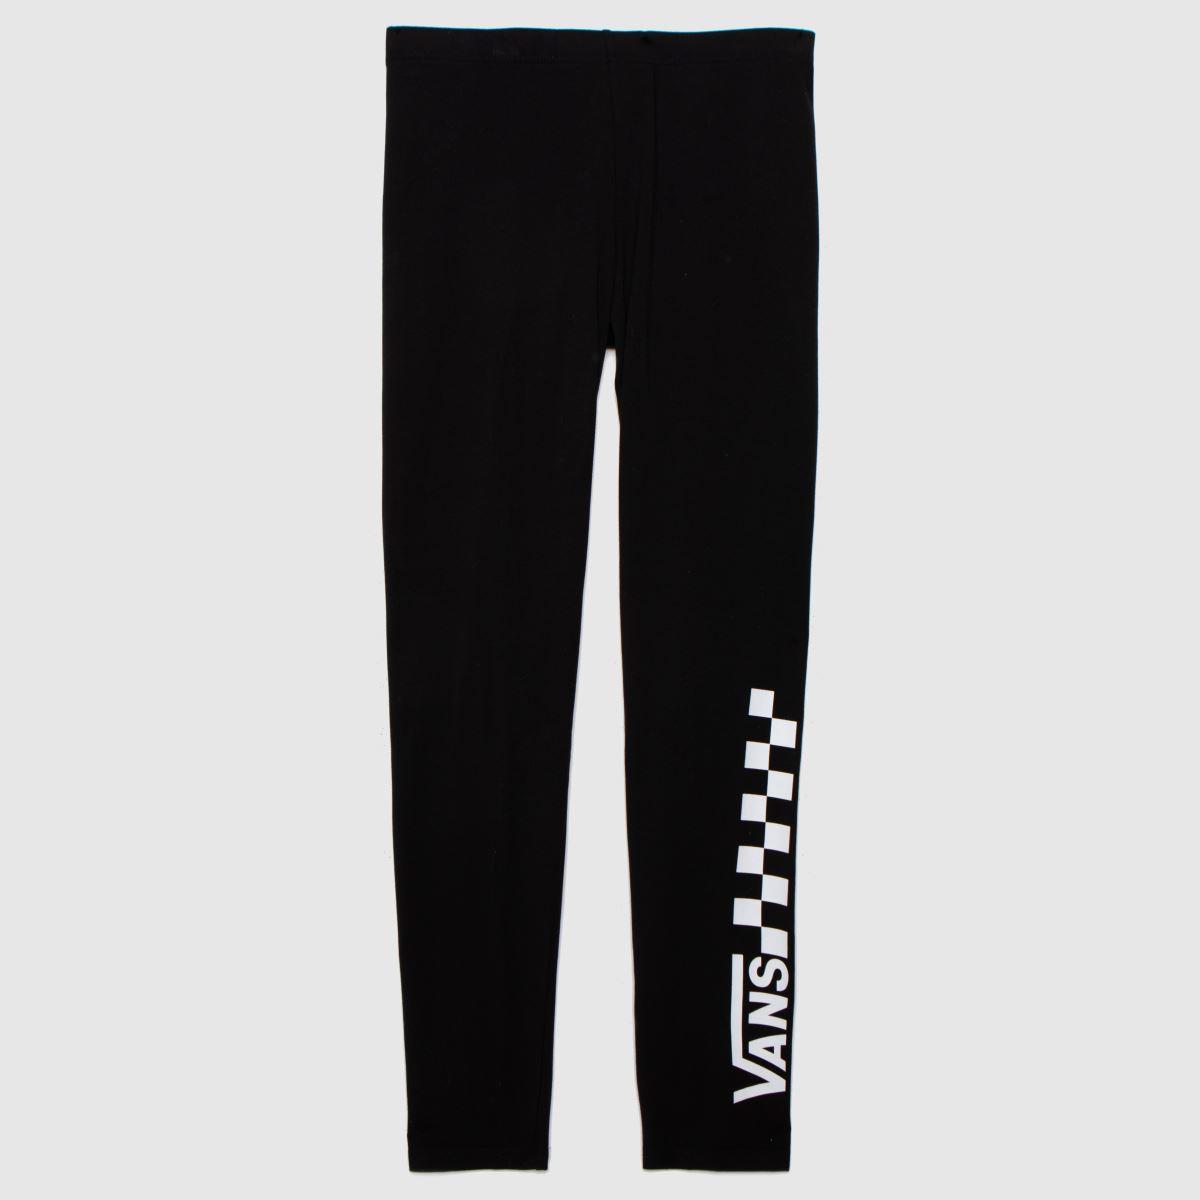 Vans Black & White Chalkboard Legging